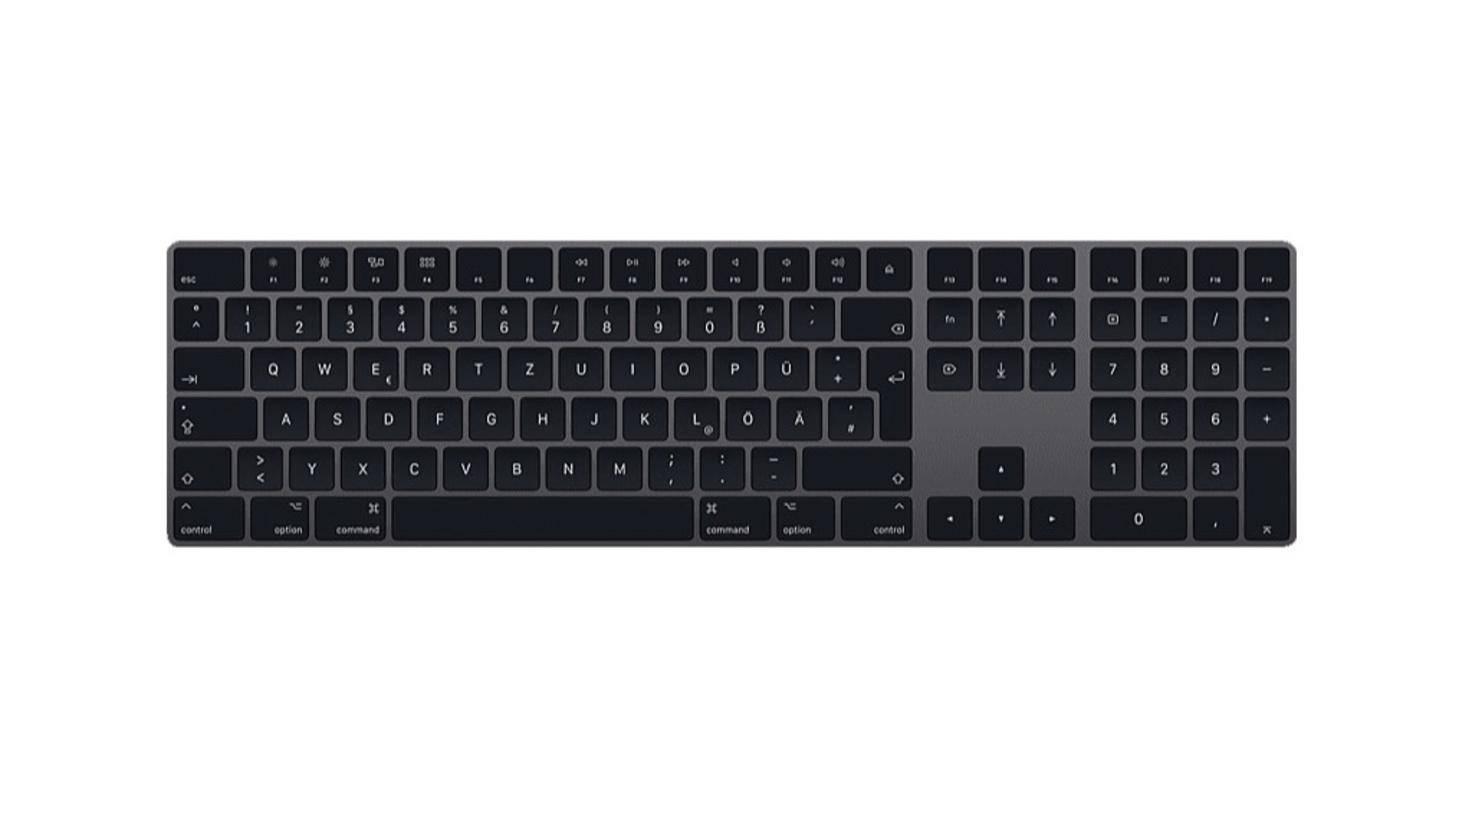 Macig-Keyboard